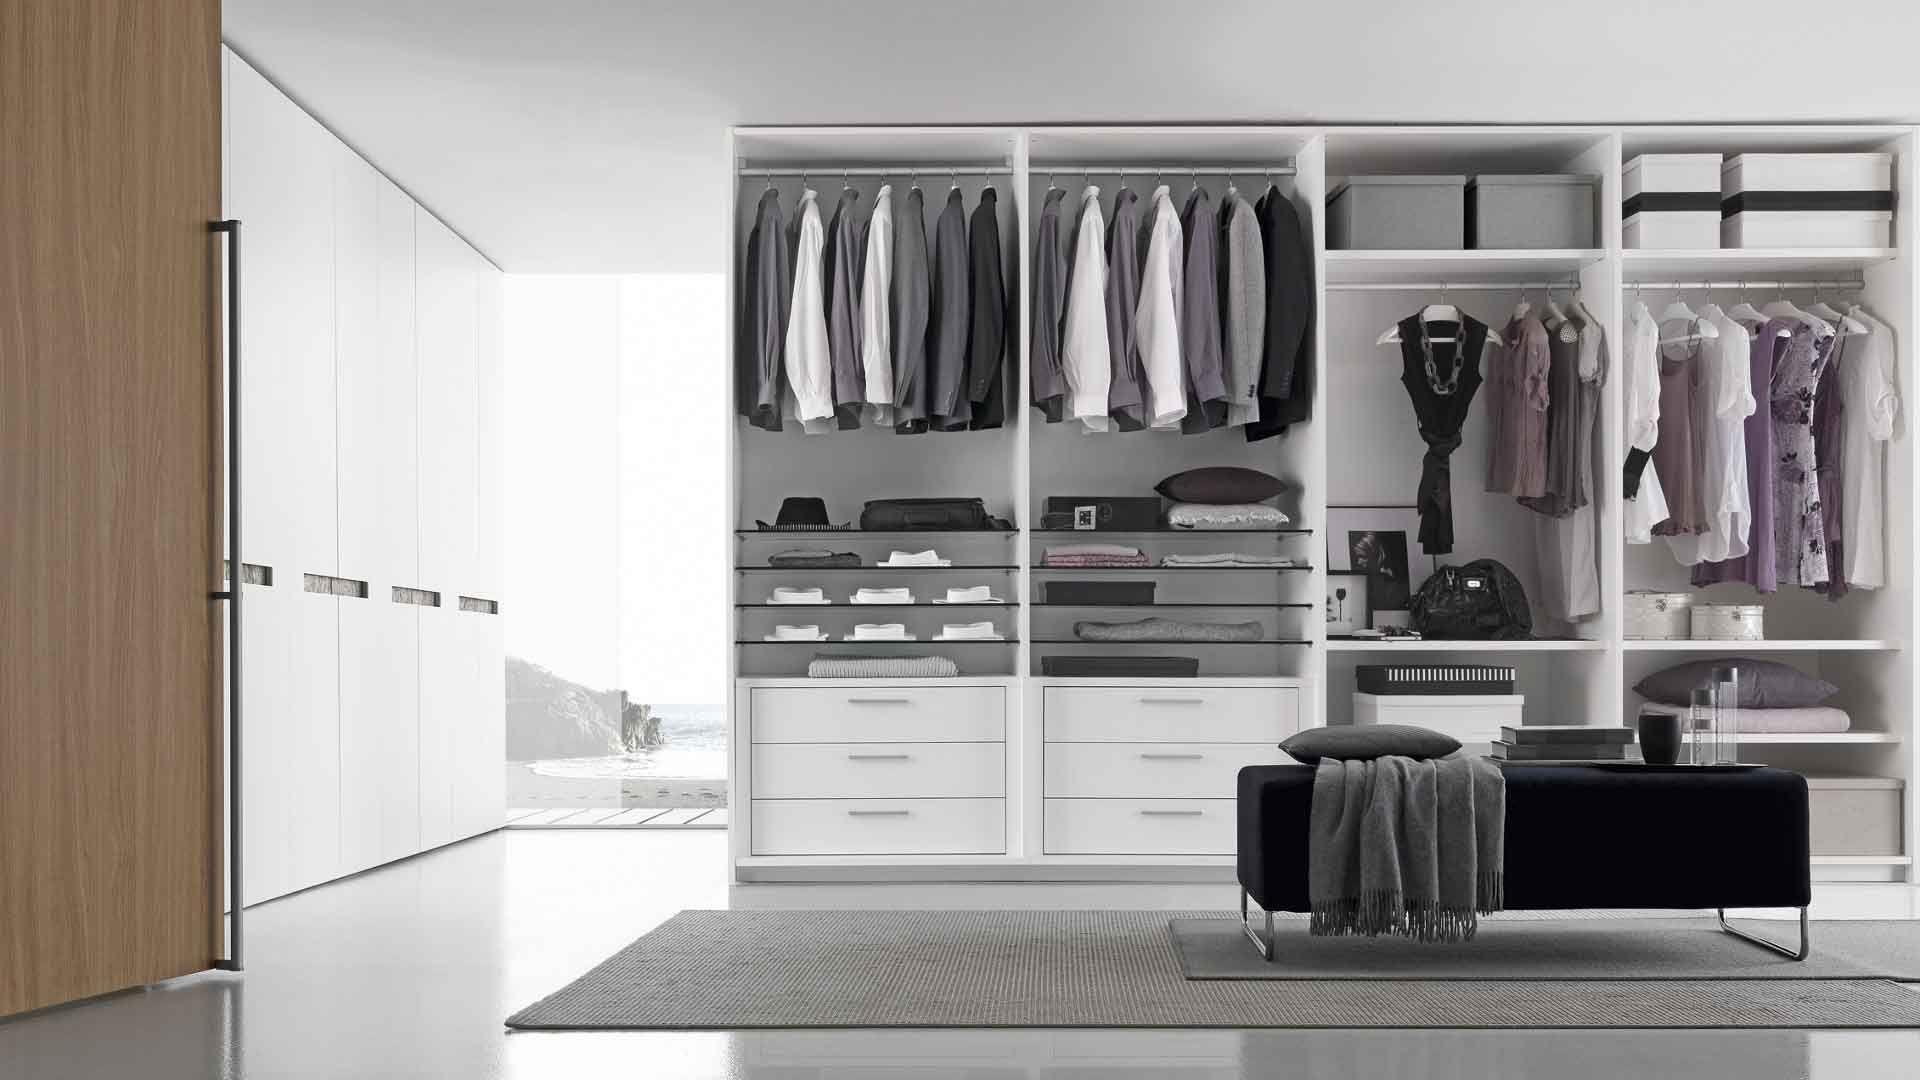 Armadi firenze cassettiere interne in offerta - Ikea accessori interni per armadi ...